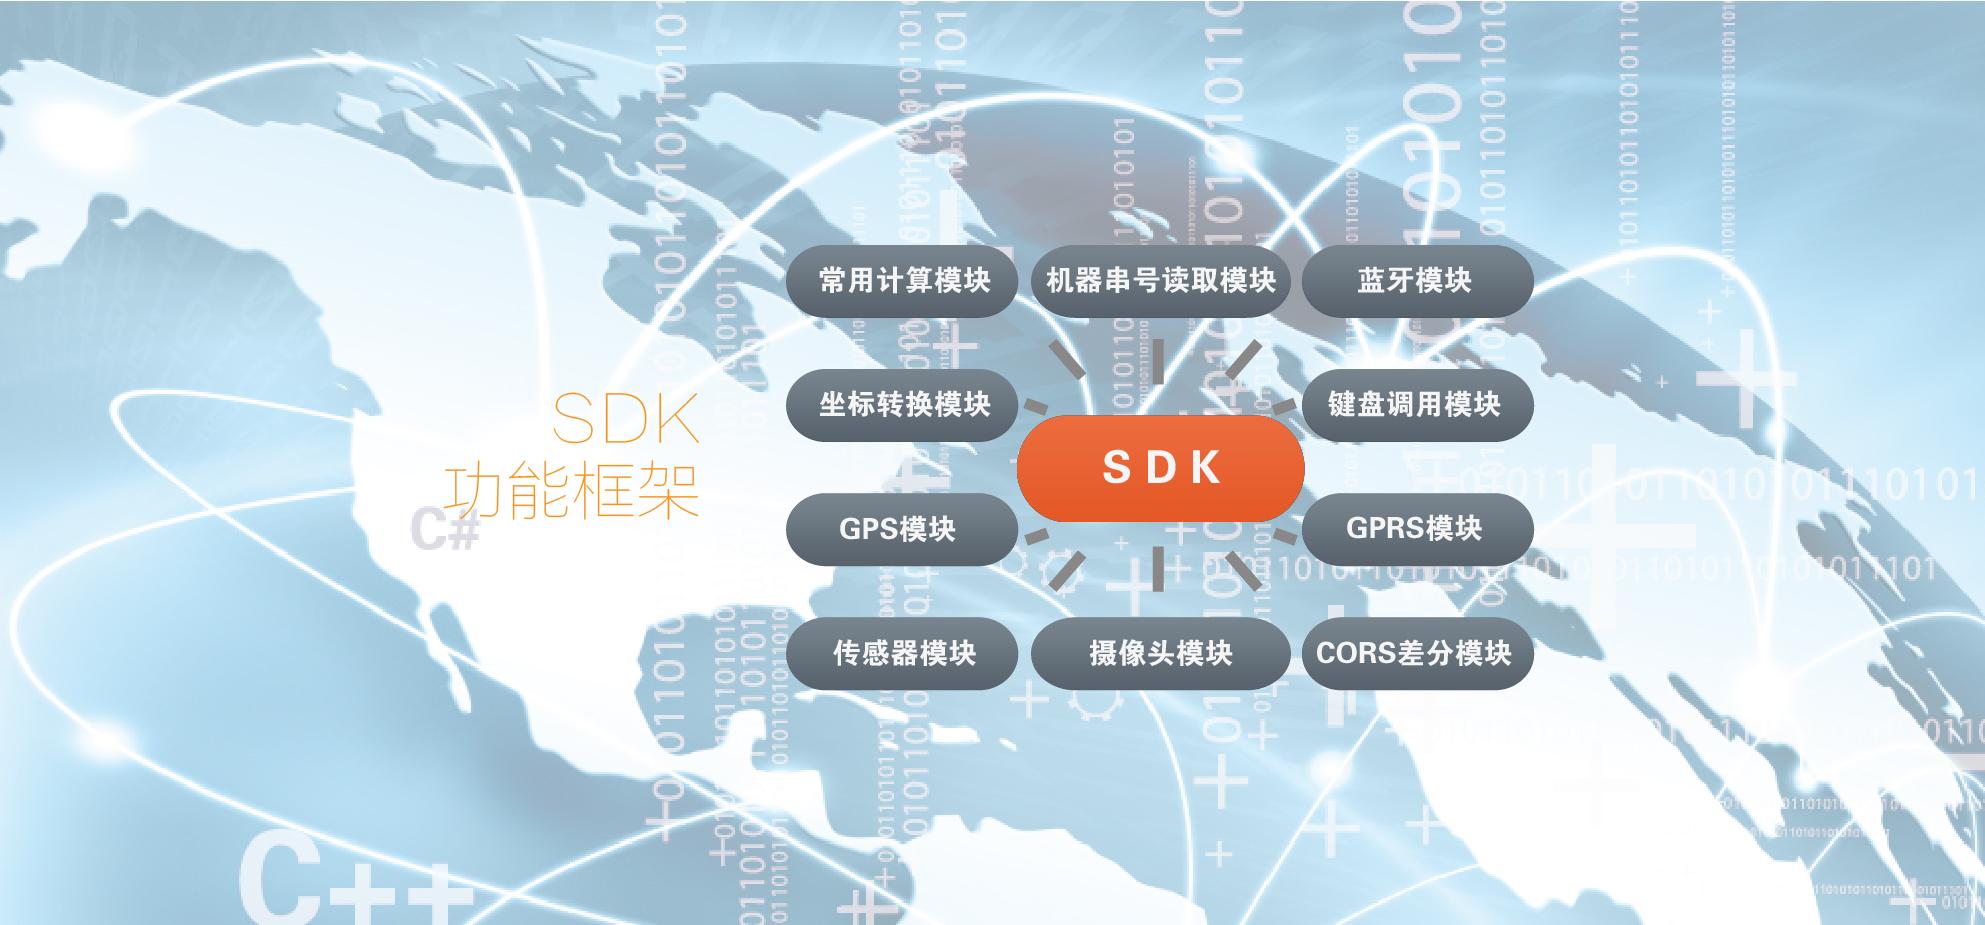 華測導航,GIS軟件系統,GIS移動終端SDK軟件二次開發包,GIS移動終端軟件開發,多功能綜合一體化